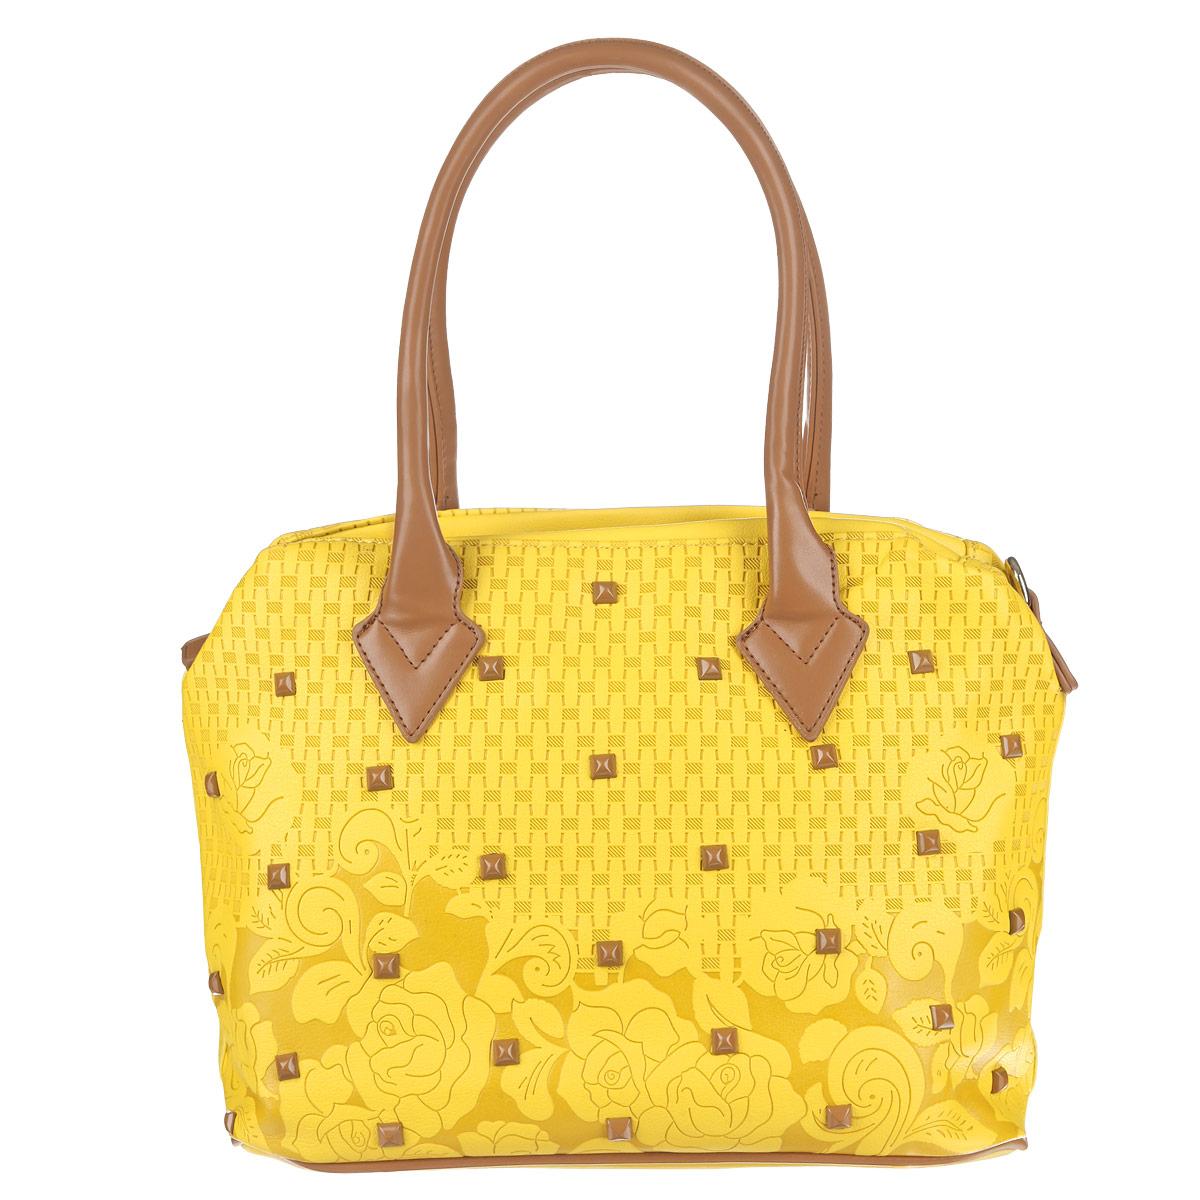 Сумка женская Orsa Oro, цвет: желтый, коричневый. D-801/4973298с-1Женская сумка Orsa Oro выполнена из высококачественной искусственной кожи с тиснением, украшена пластиковыми клепками.Сумка с одним отделением, застегивающимся на молнию. Внутри один карман на молнии и два кармашка для мелочей. Сумка оснащена двумя удобными ручками и съемным ремнем, длина которого регулируется пряжкой. Ремень крепится по бокам сумки с помощью карабинов.Эффектная сумка Orsa Oro подчеркнет вашу яркую индивидуальность и сделает образ завершенным.